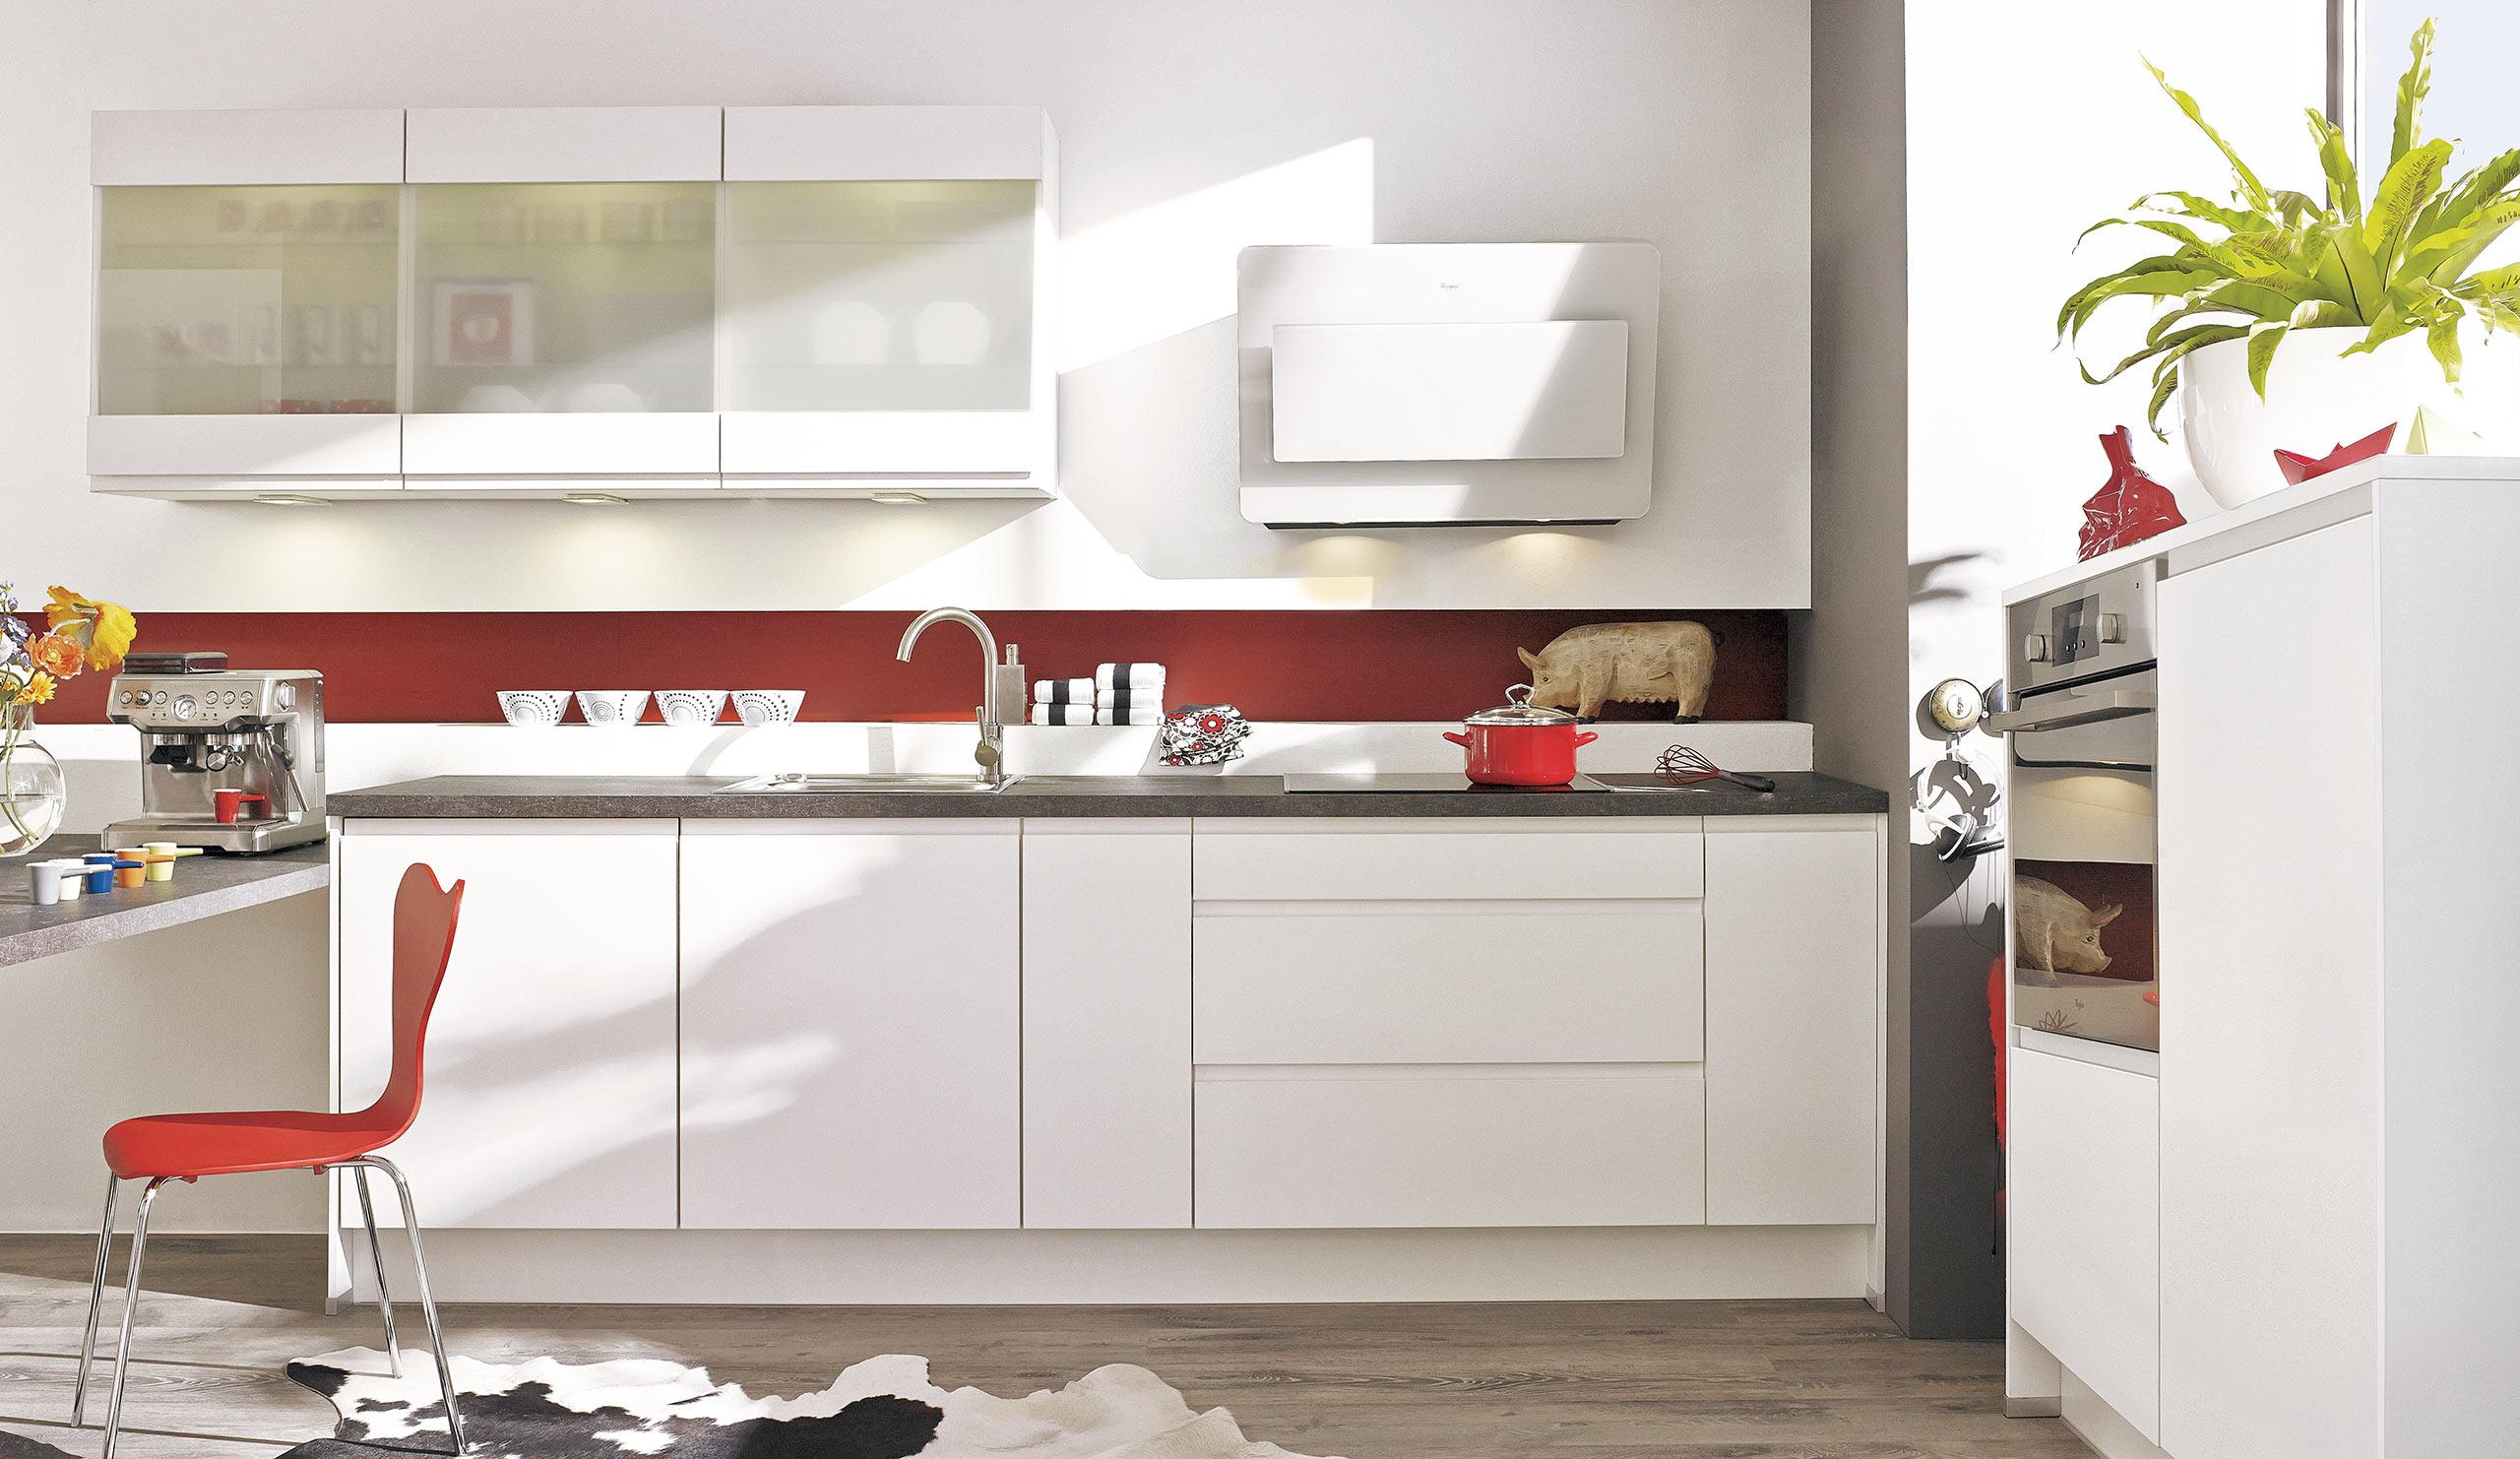 Full Size of Küchen Quelle Basic Einbaukche Pura 0300 Weiss Grifflos Kchenquelle Regal Wohnzimmer Küchen Quelle